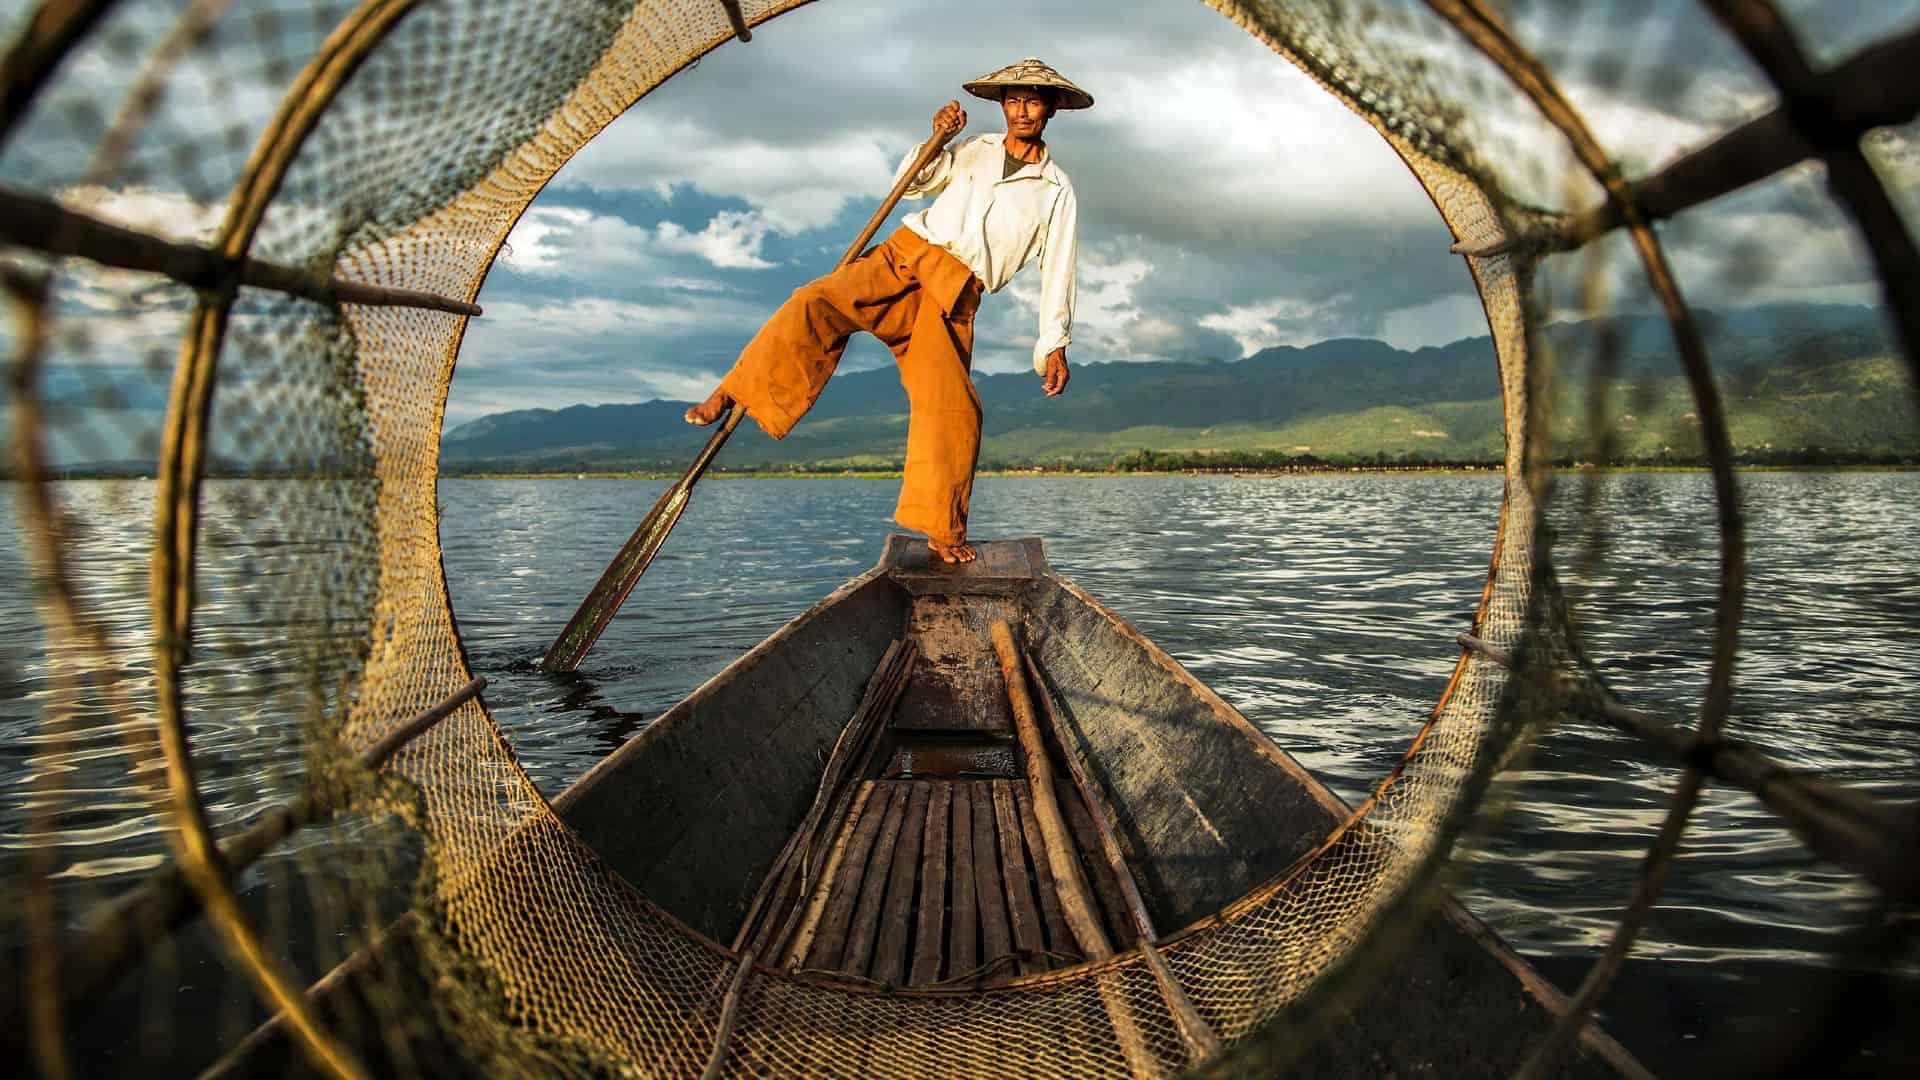 One leg rowing fisherman at Inle Lake